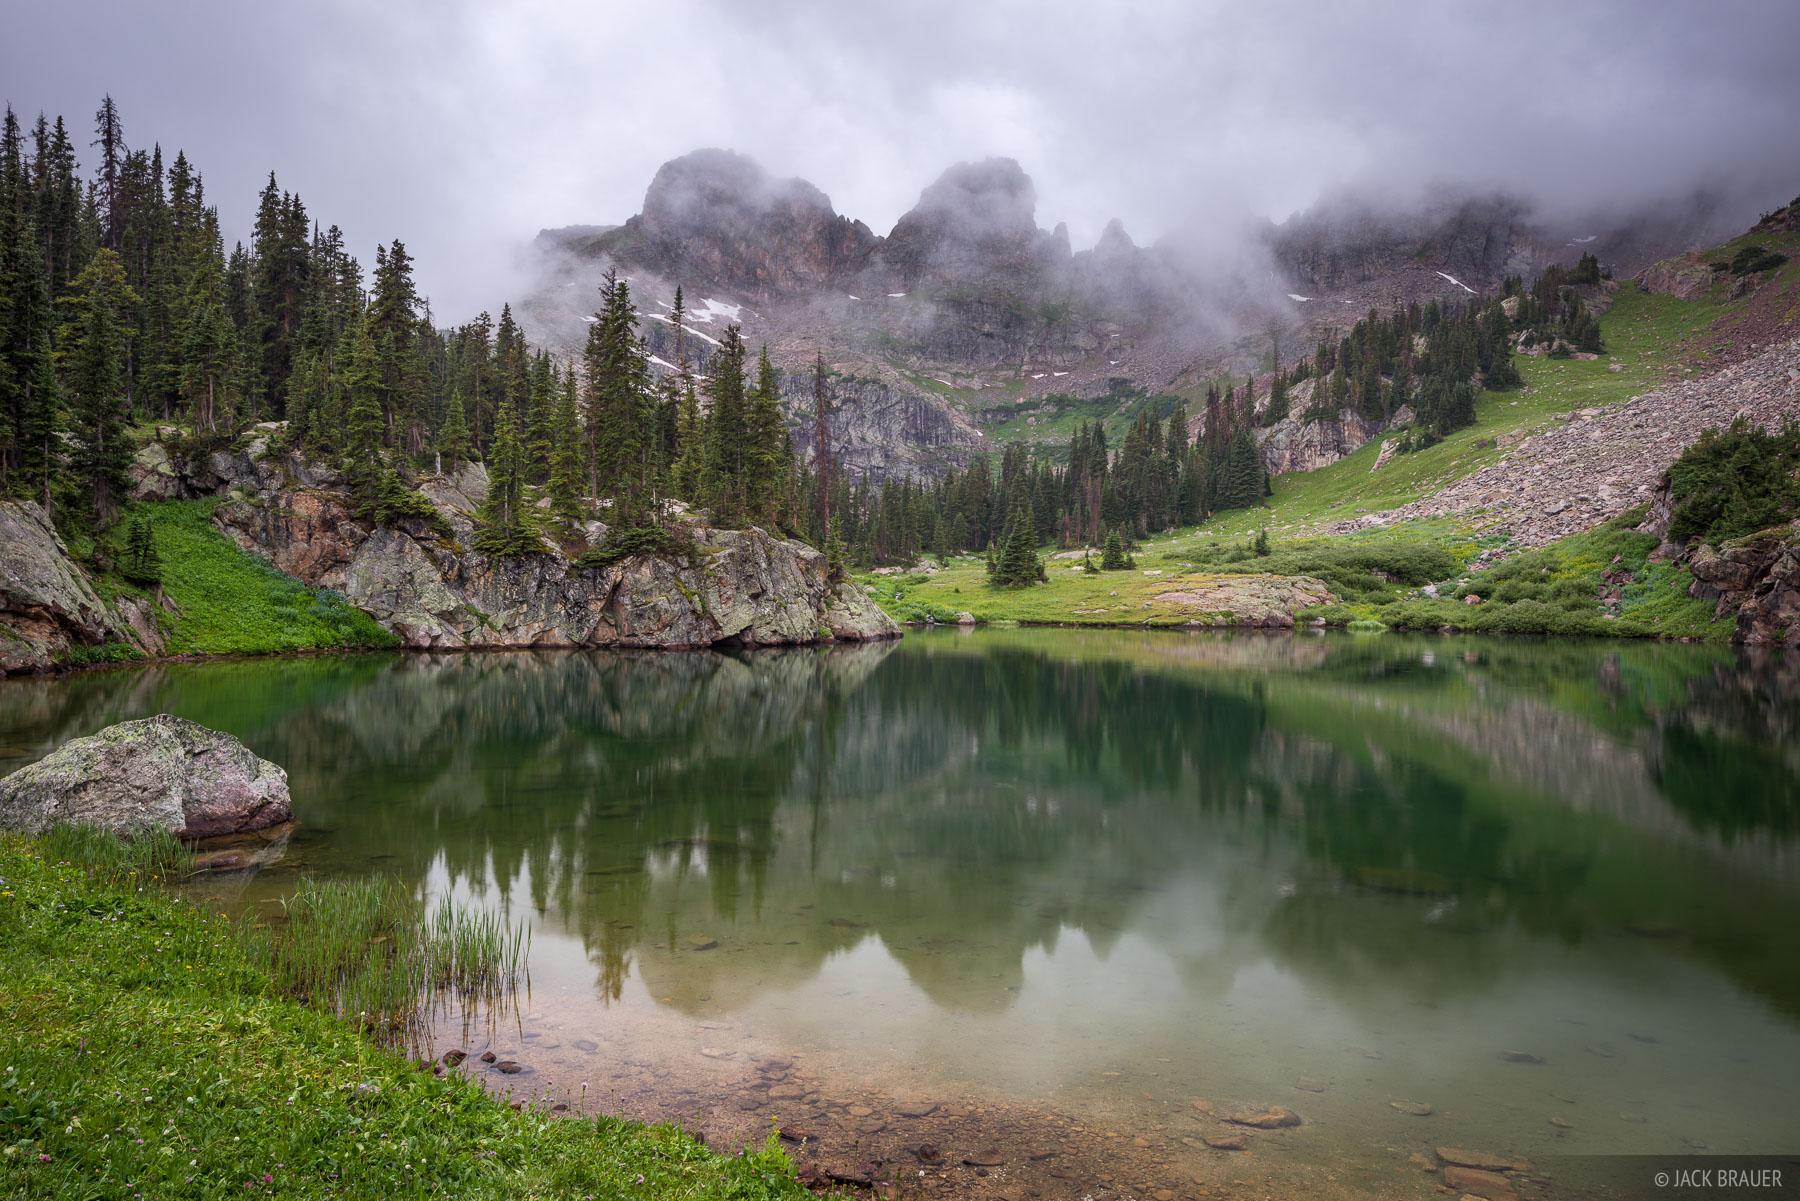 Colorado, Gore Range, Willow Lakes, Eagles Nest Wilderness, Zodiac Ridge, reflection, photo